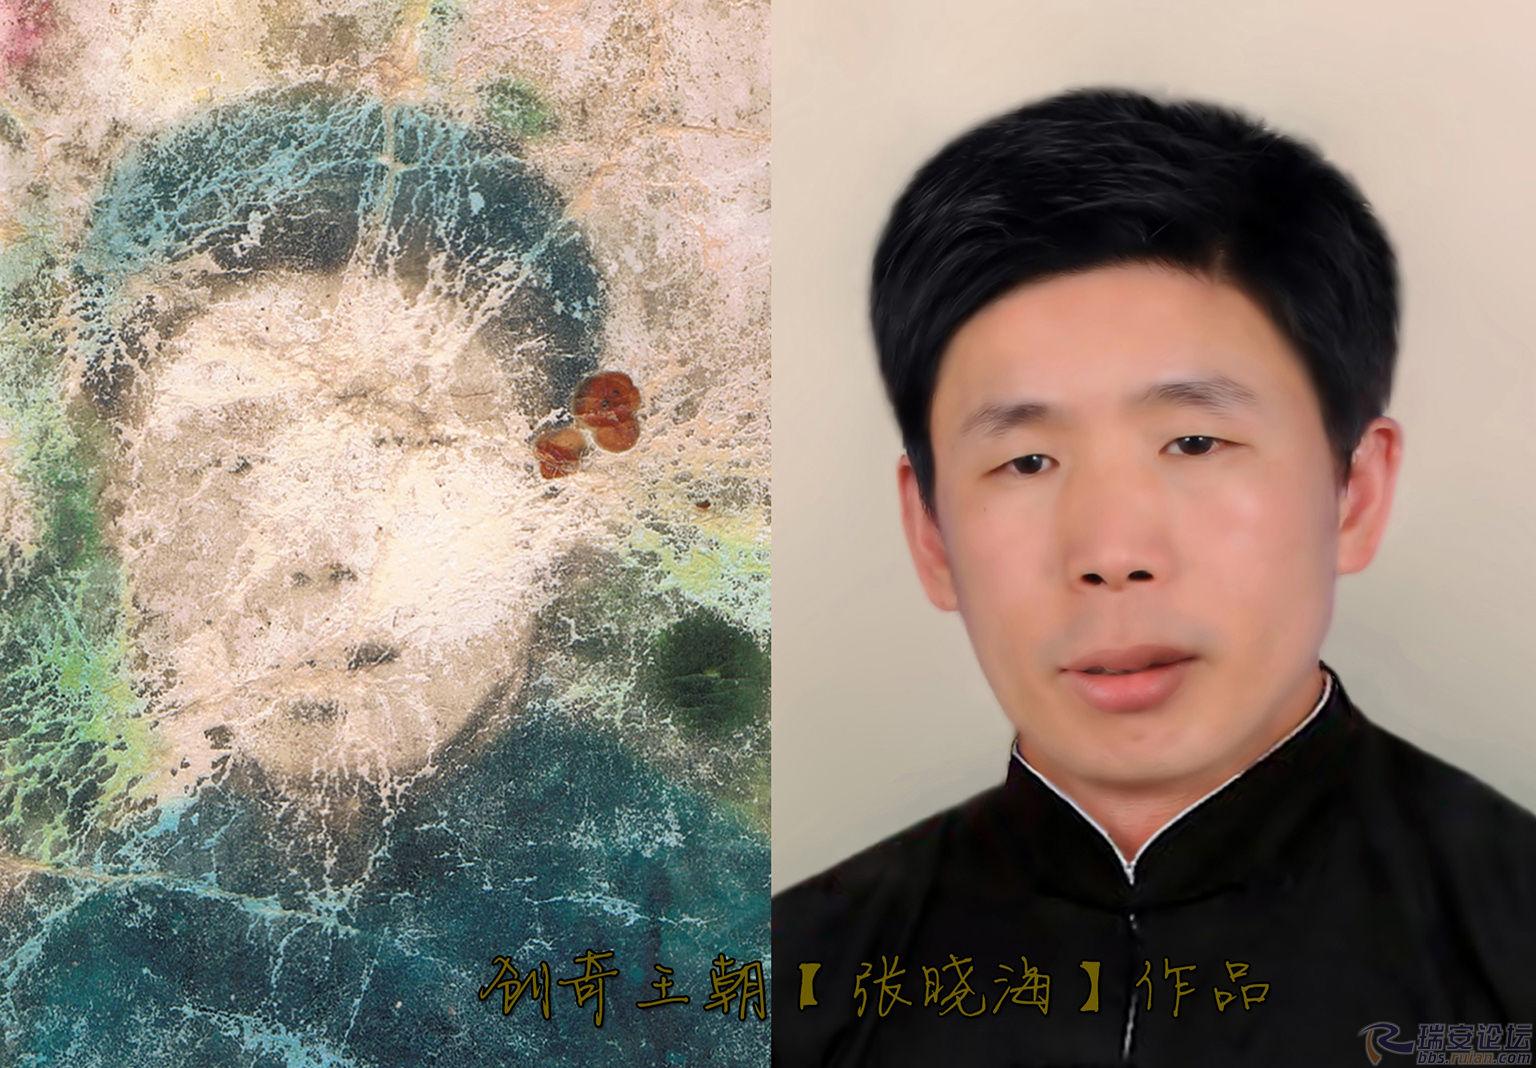 瑞安市汀田街道汀八村创奇王朝张晓海老照片修复作品